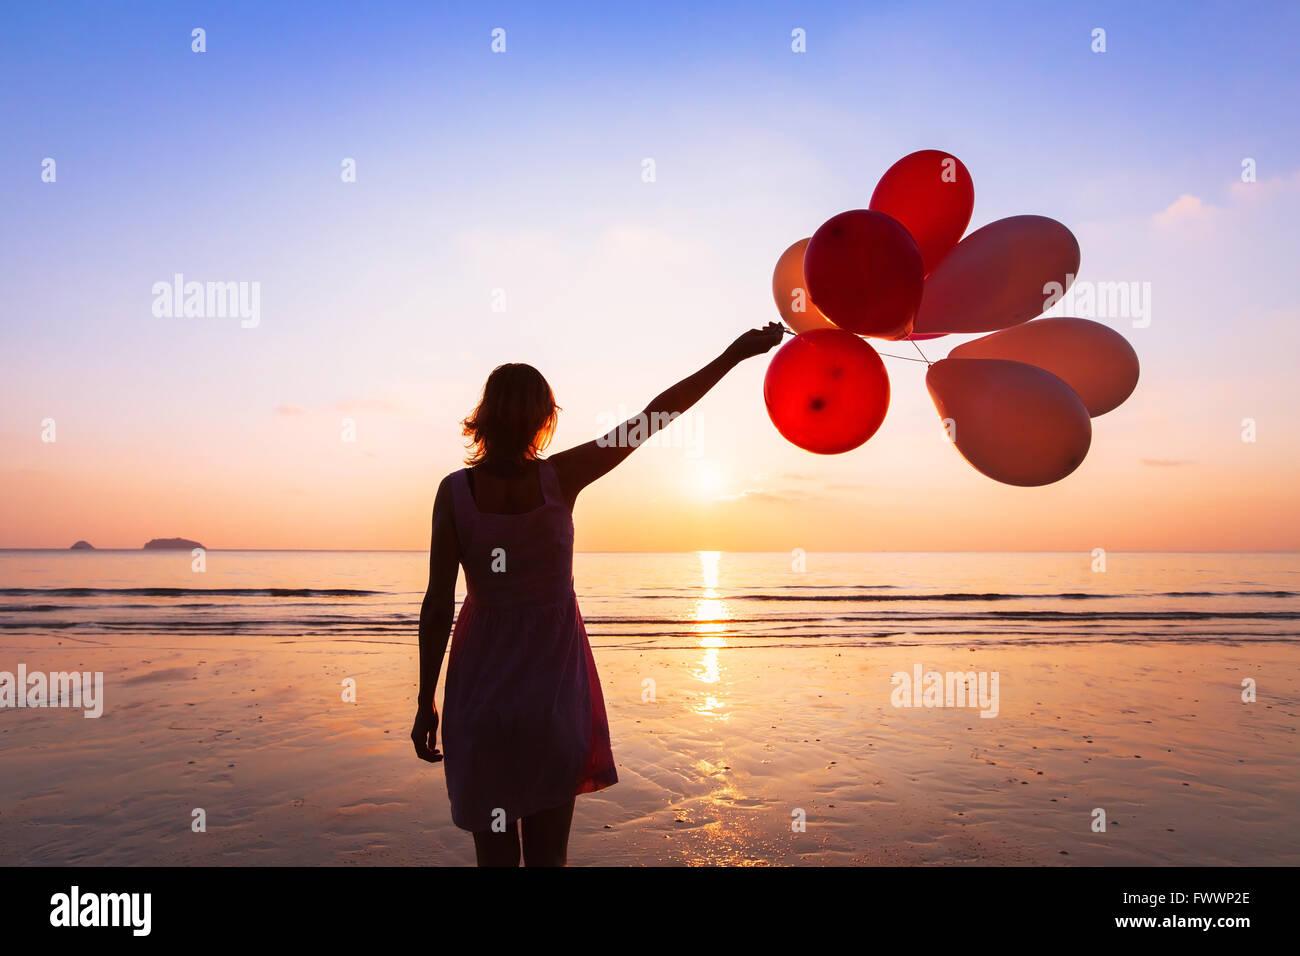 L'imagination et la créativité, fille aux ballons multicolores au coucher du soleil avec copyspace, Photo Stock